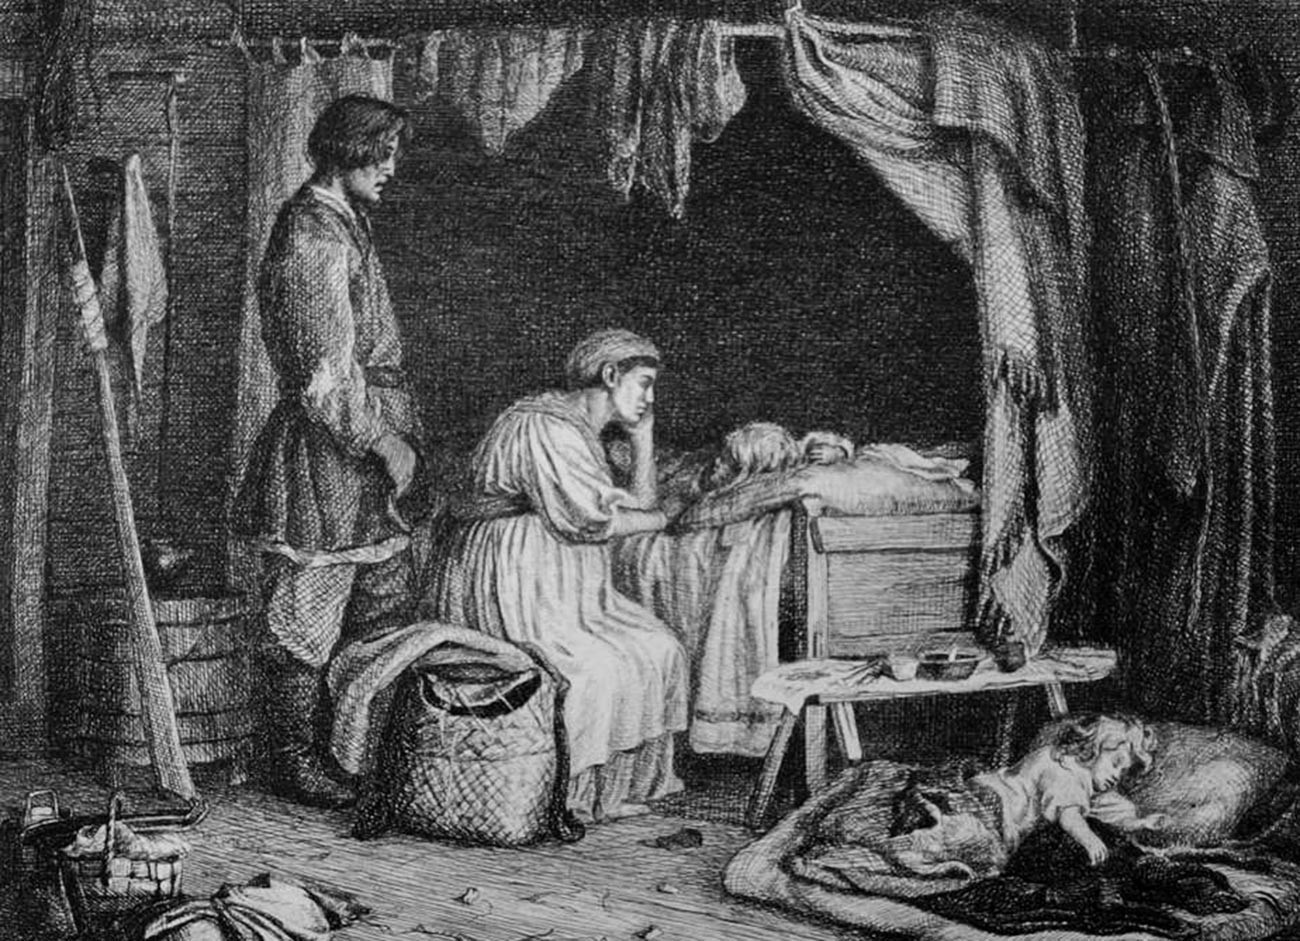 A maioria das famílias de camponeses na Rússia era extremamente pobre. Muitas crianças nasciam, mas o número de mortes na infância também era enorme